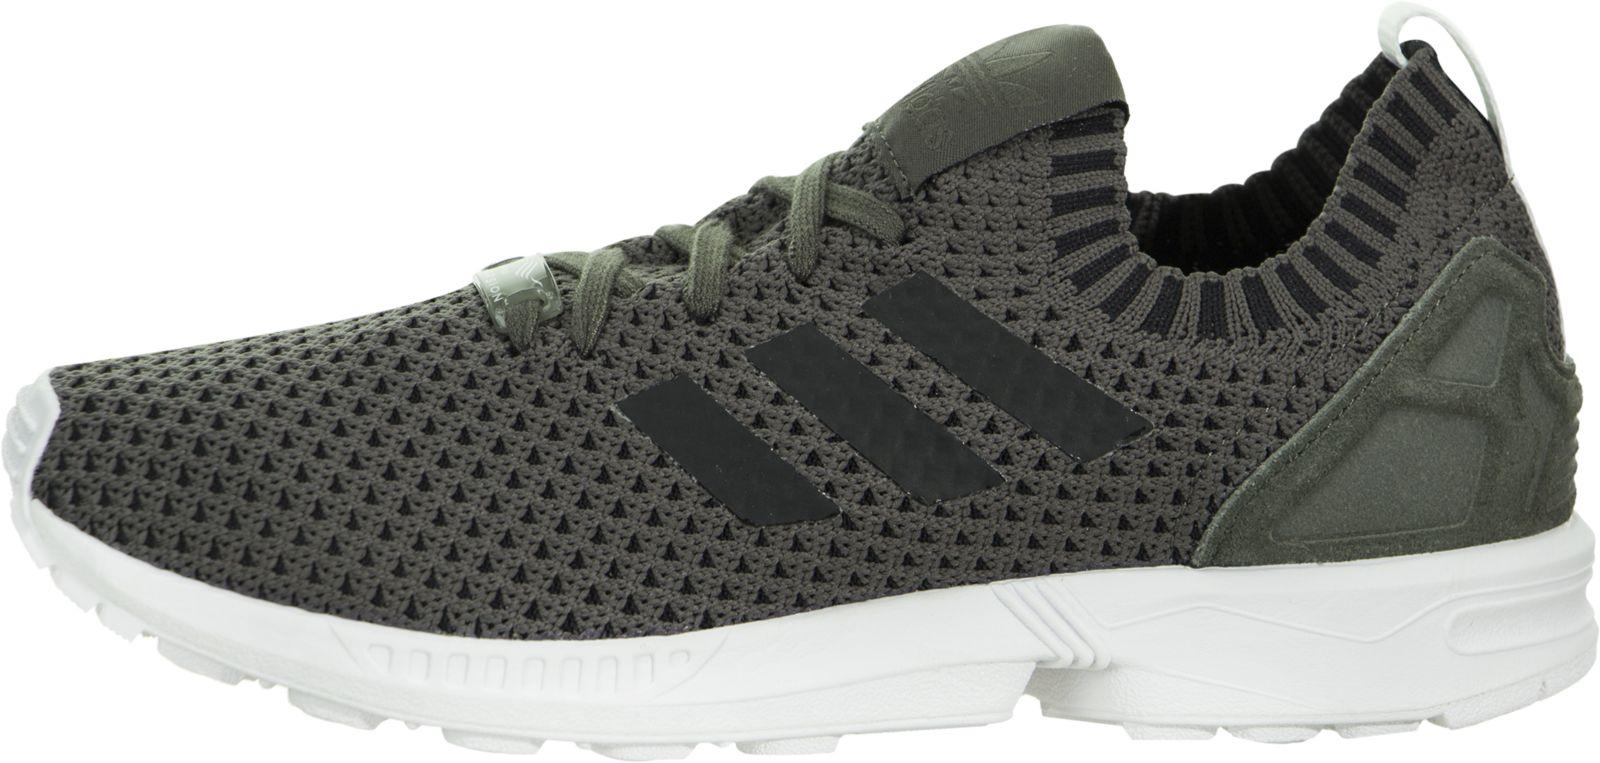 adidas originali le donne scarpe zx flusso pk di moda.